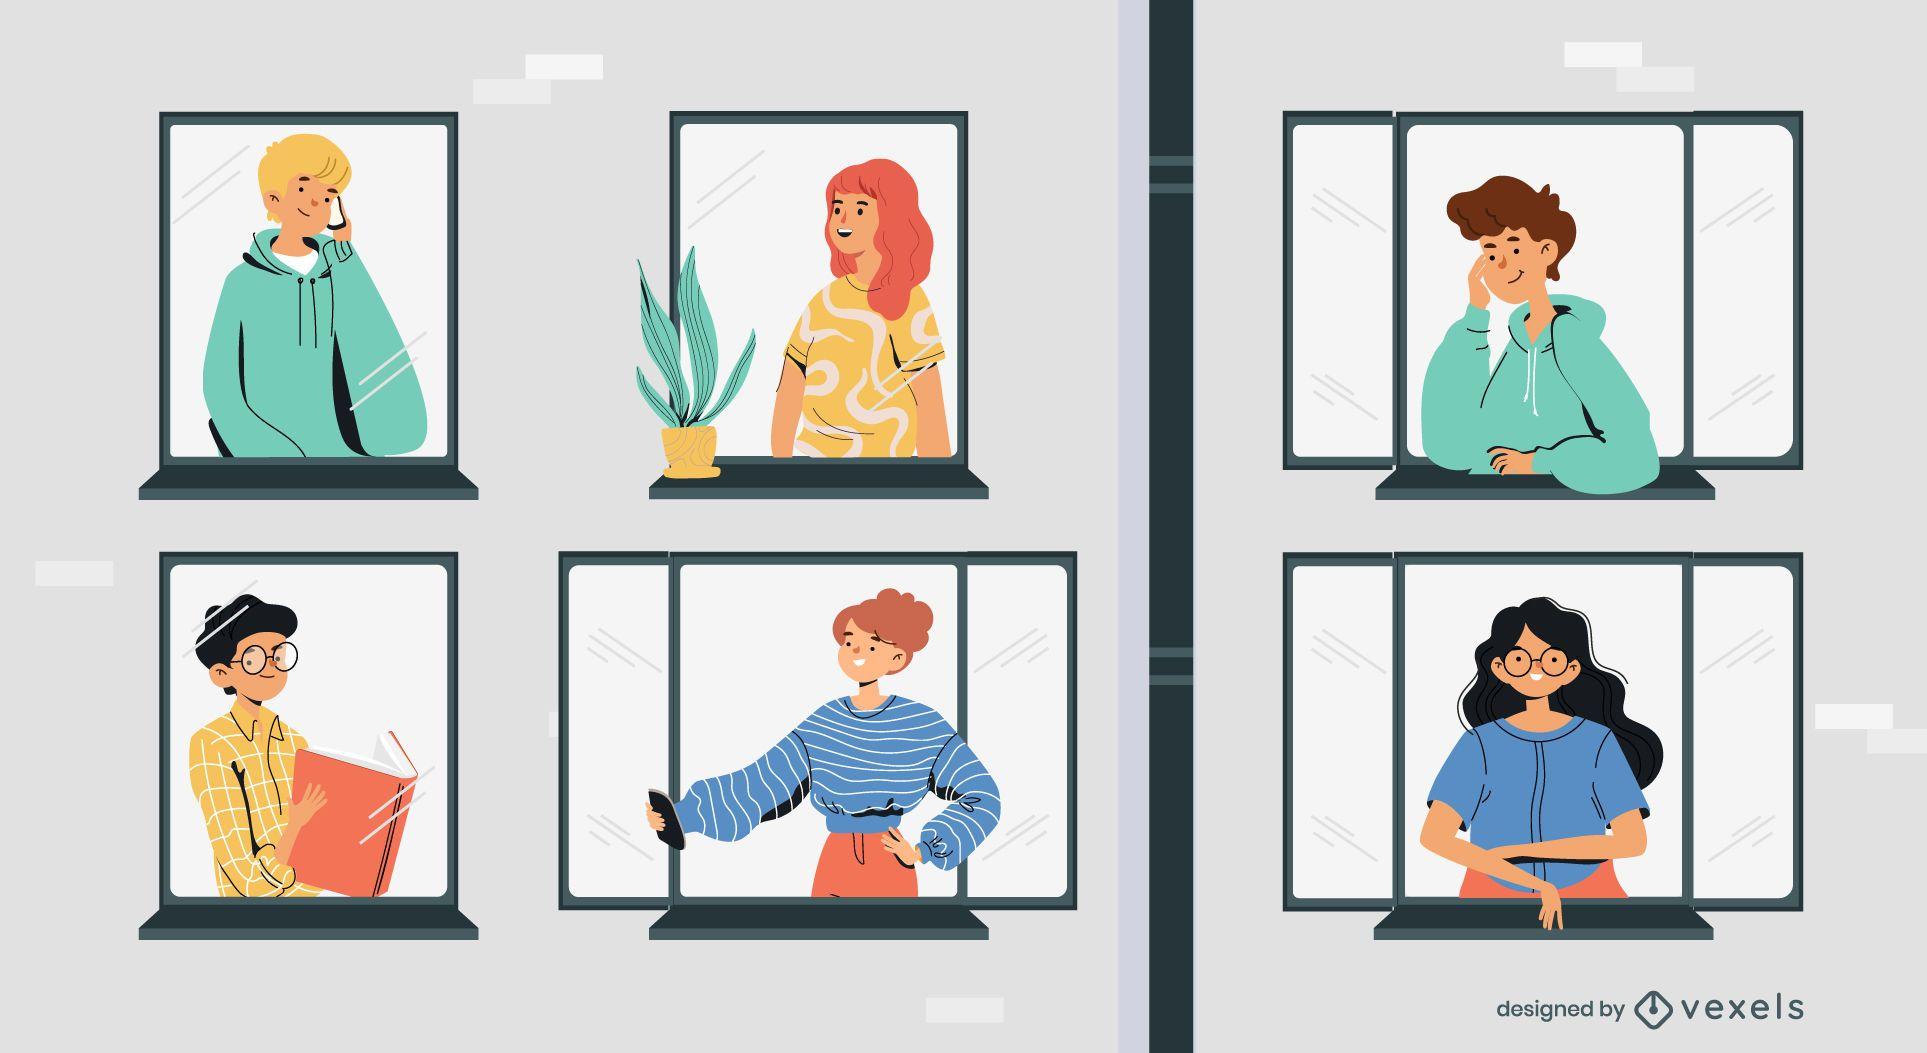 quédate en casa personajes ilustración de windows